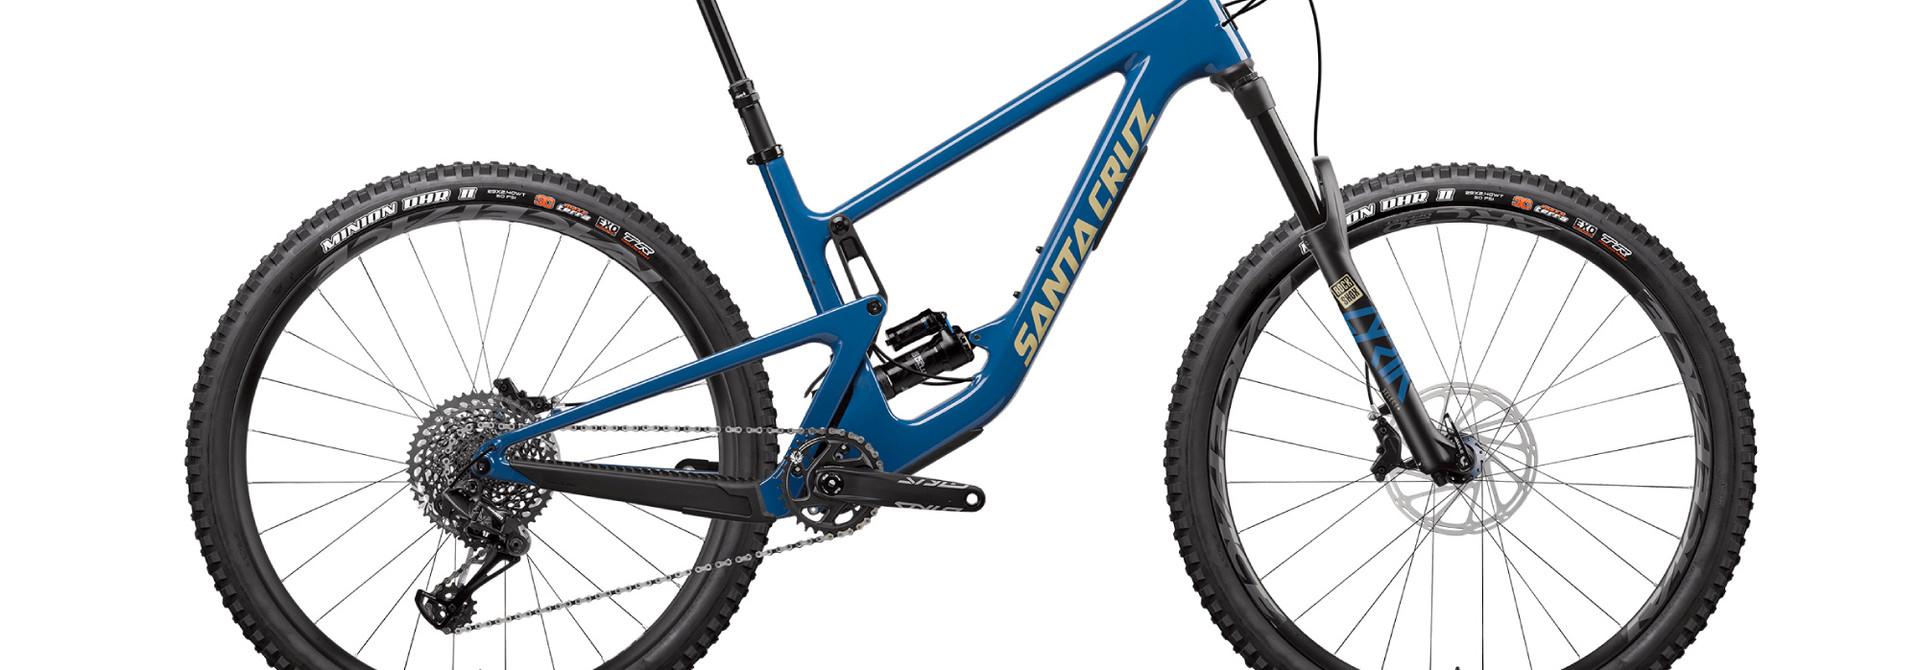 Hightower 2.0 C 29 S GX RS Lyrik Select + 150 Highland Blue Medium 2020